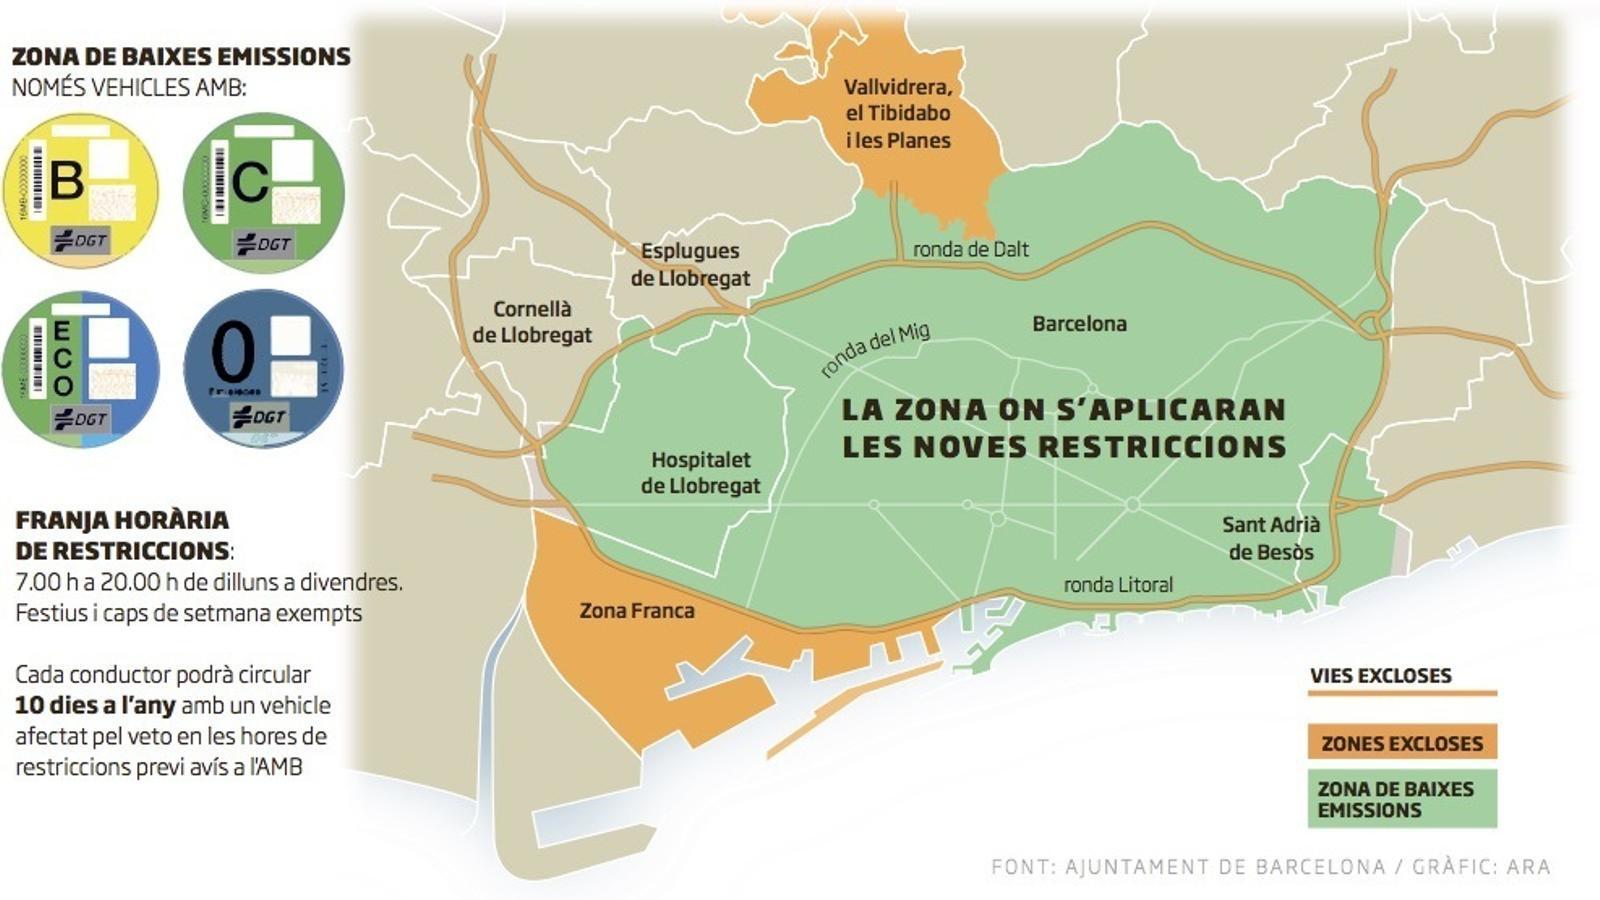 Tot el que se sap fins ara del veto als cotxes contaminants a Barcelona